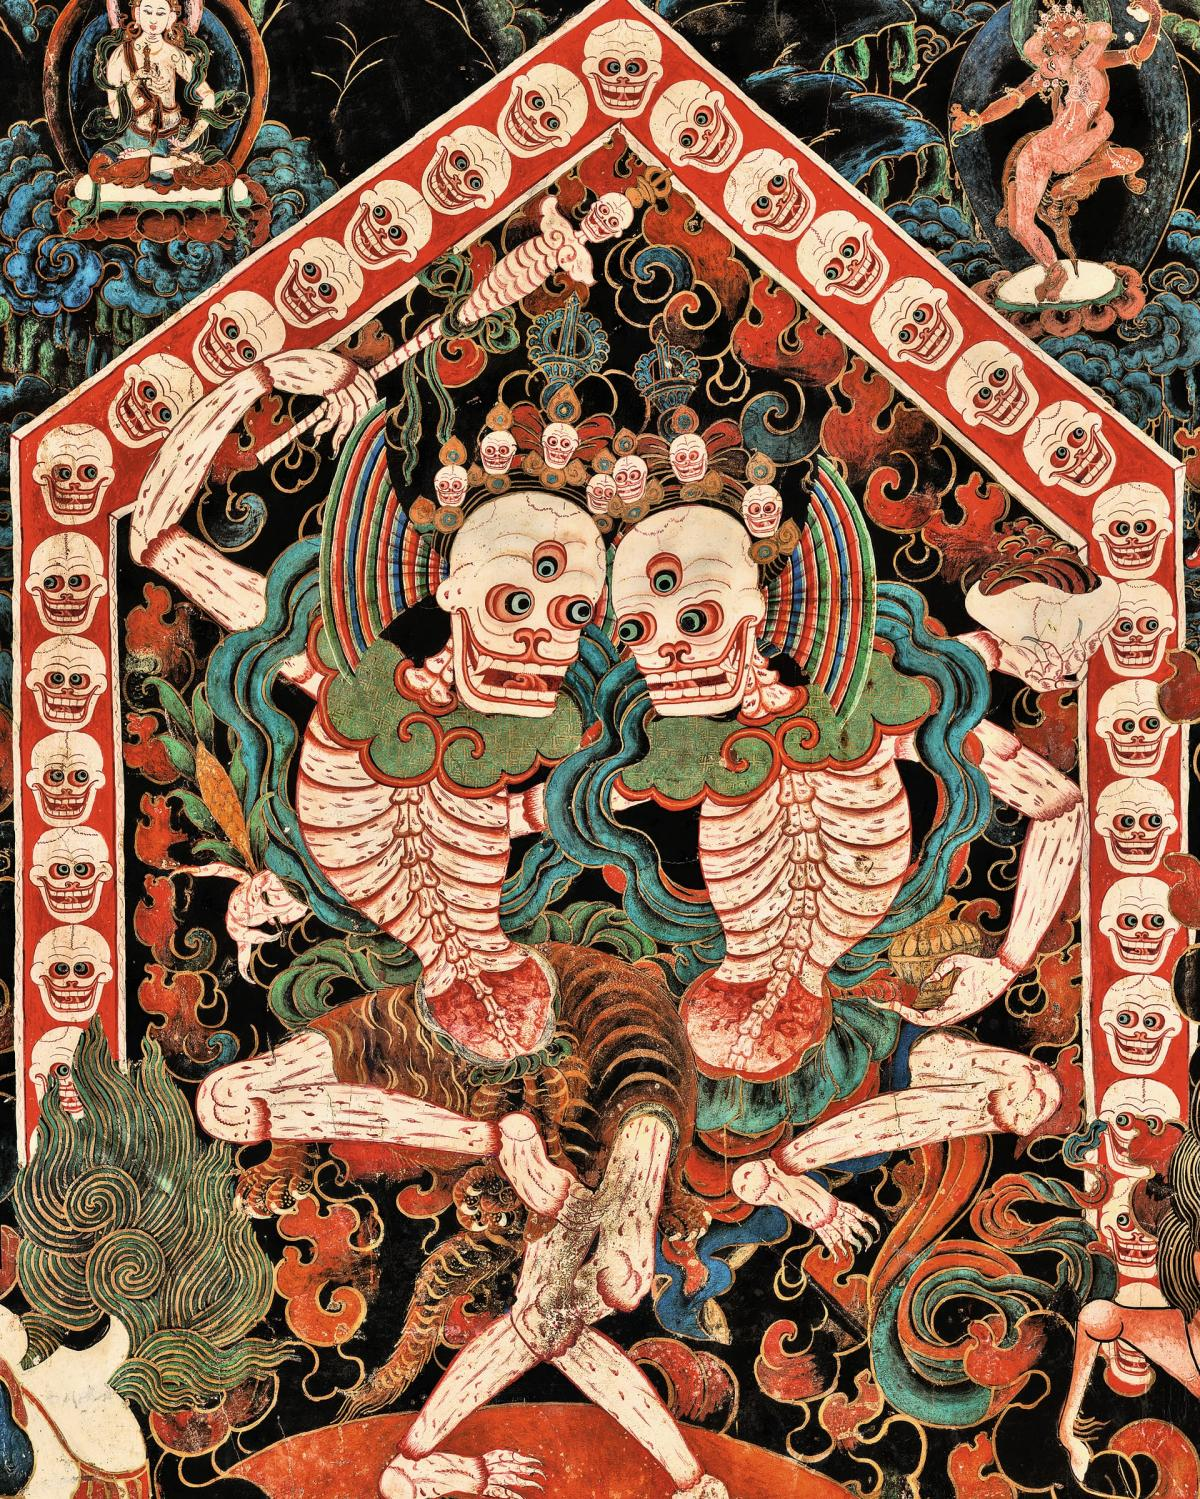 Фотограф зробив 998 копій стародавніх тибетських фресок / theguardian.com